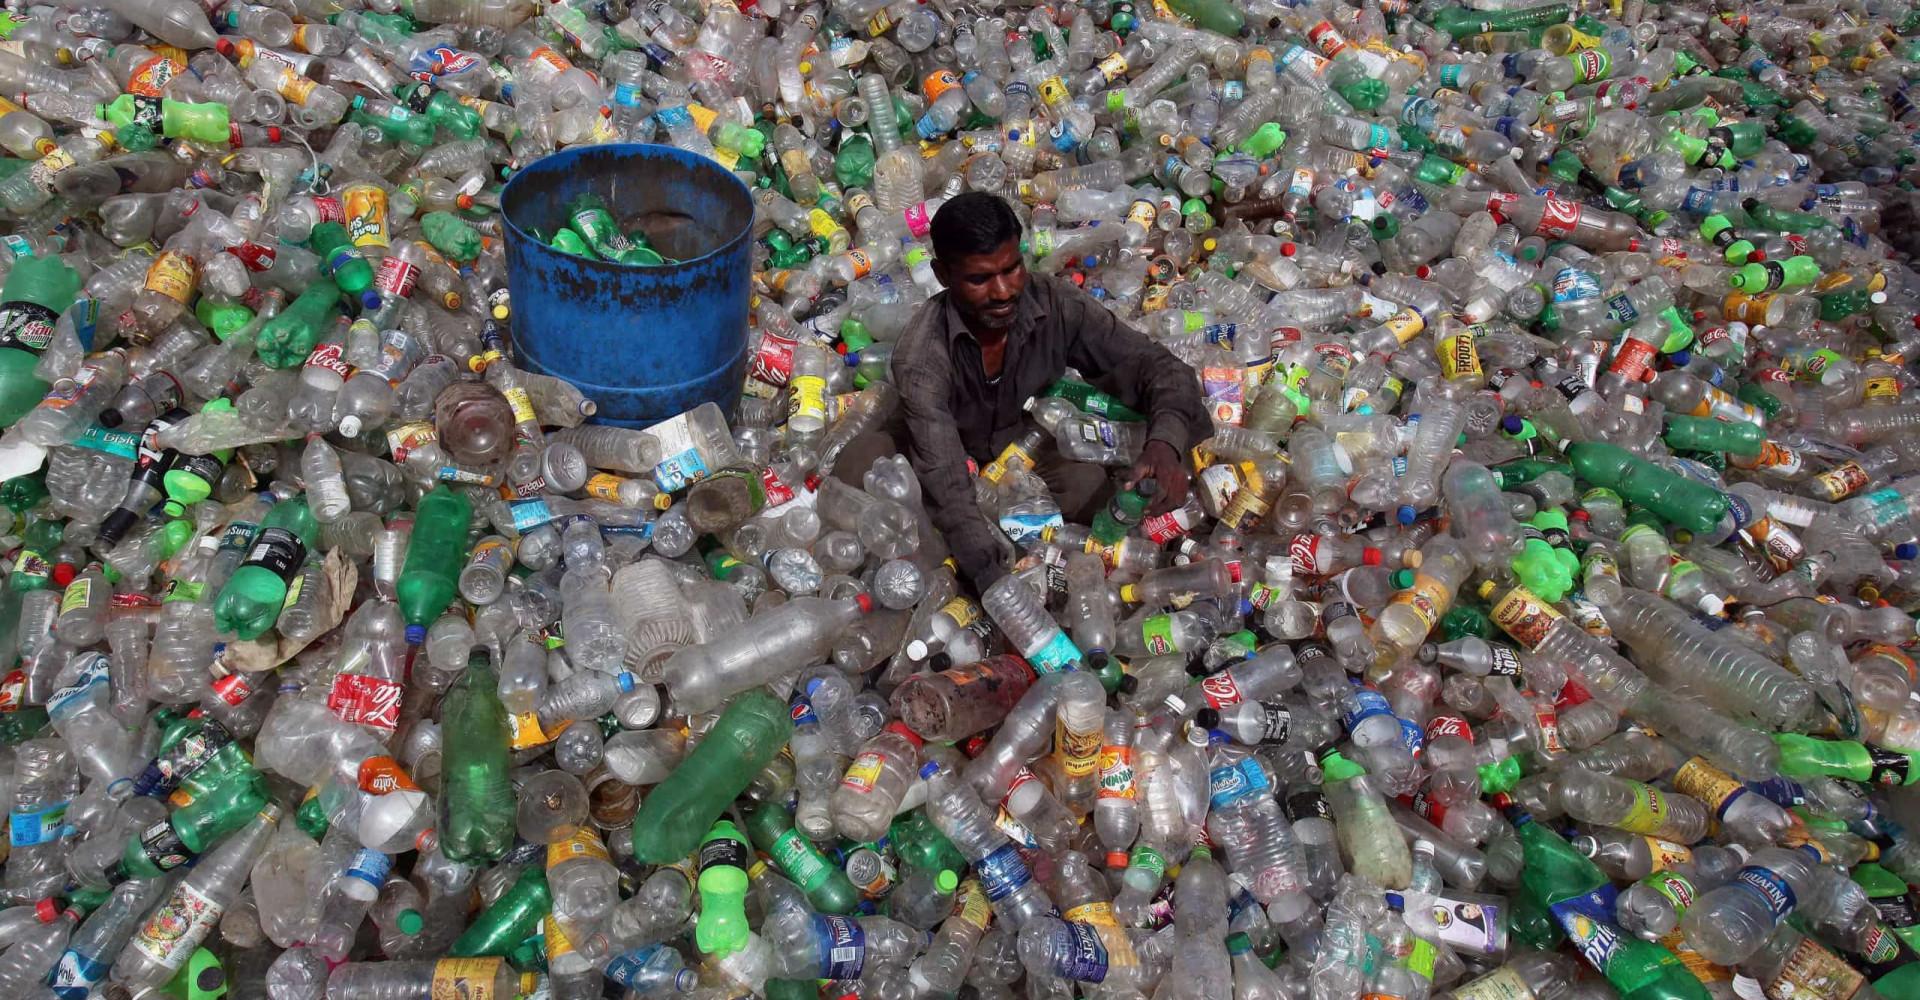 병들어가는 지구 : 세계 곳곳에 발견되는 환경 오염의 모습